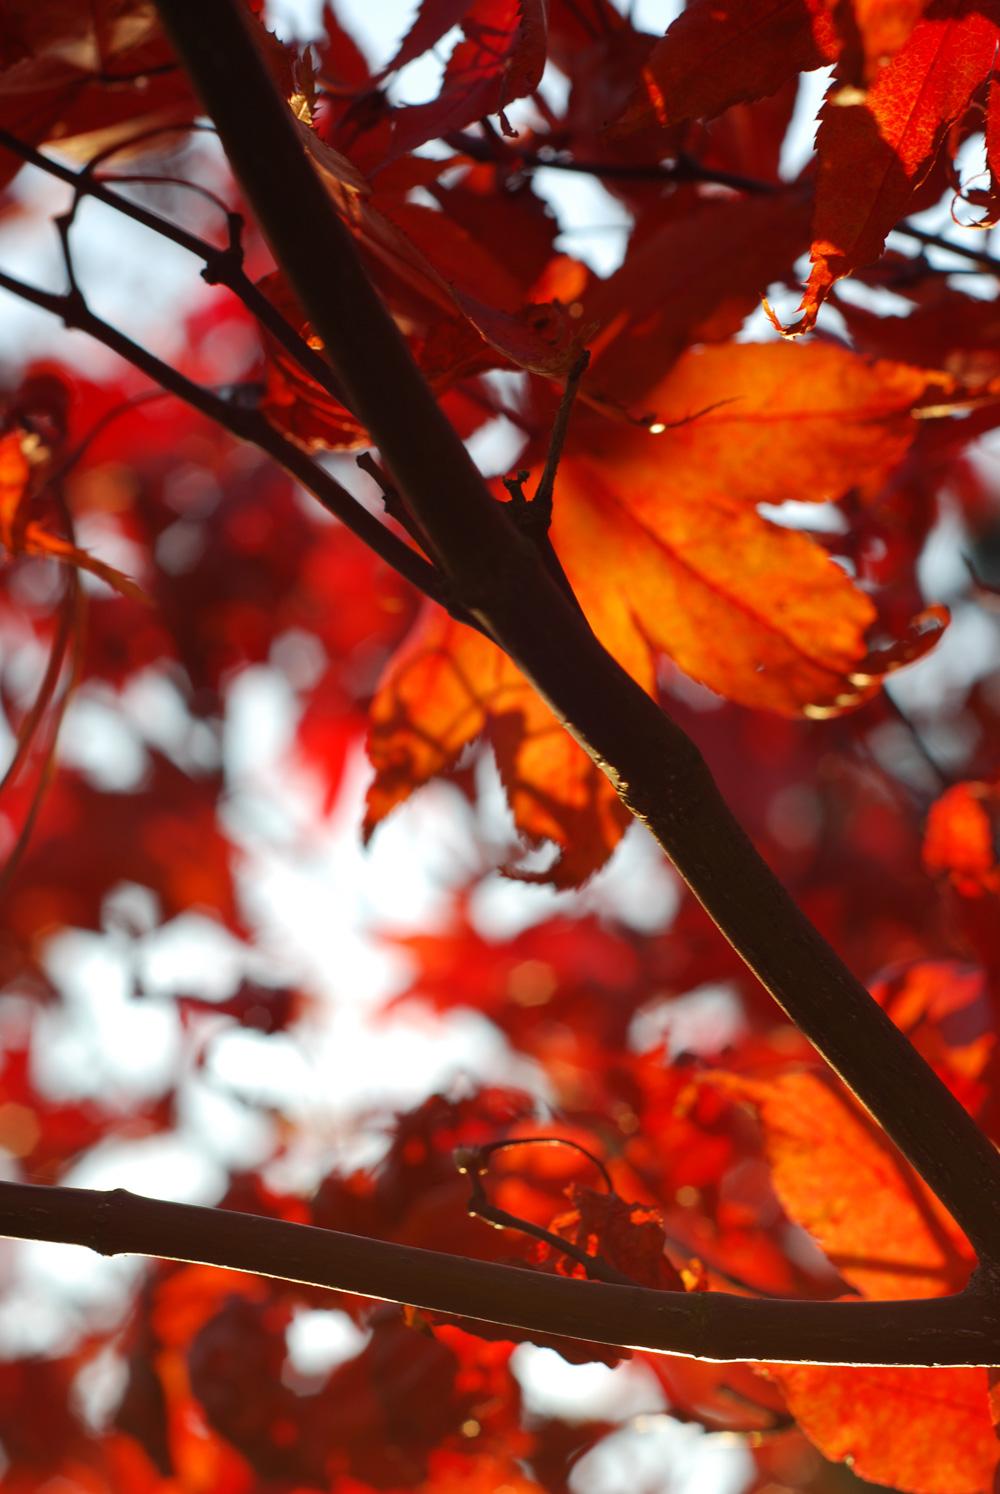 herbstfotos: Die Sonne durchscheint diese roten Blätter